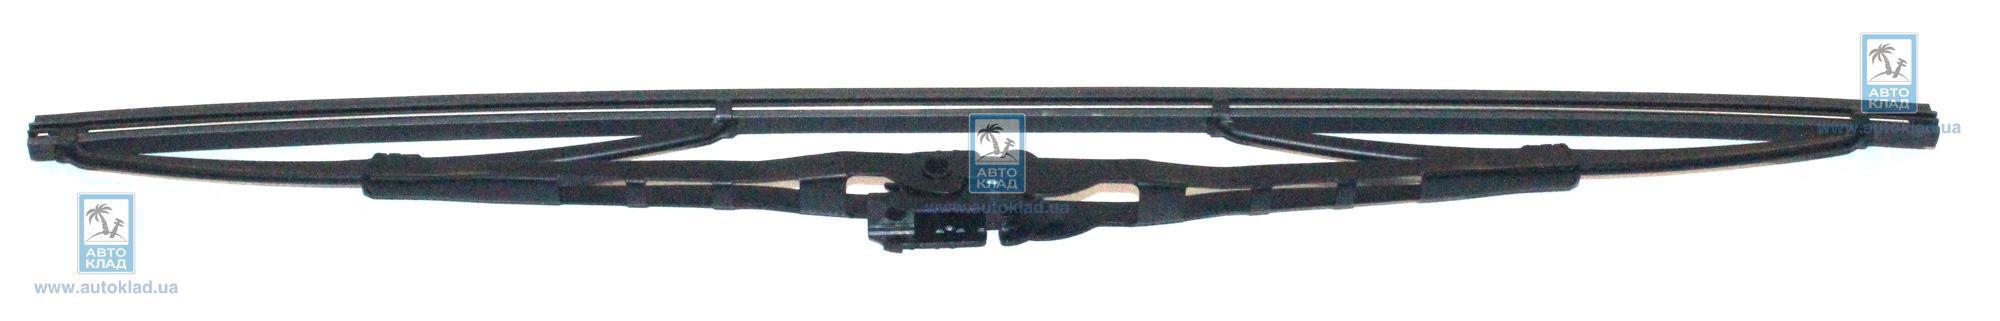 Щетка стеклоочистителя 400мм SWF 116 121